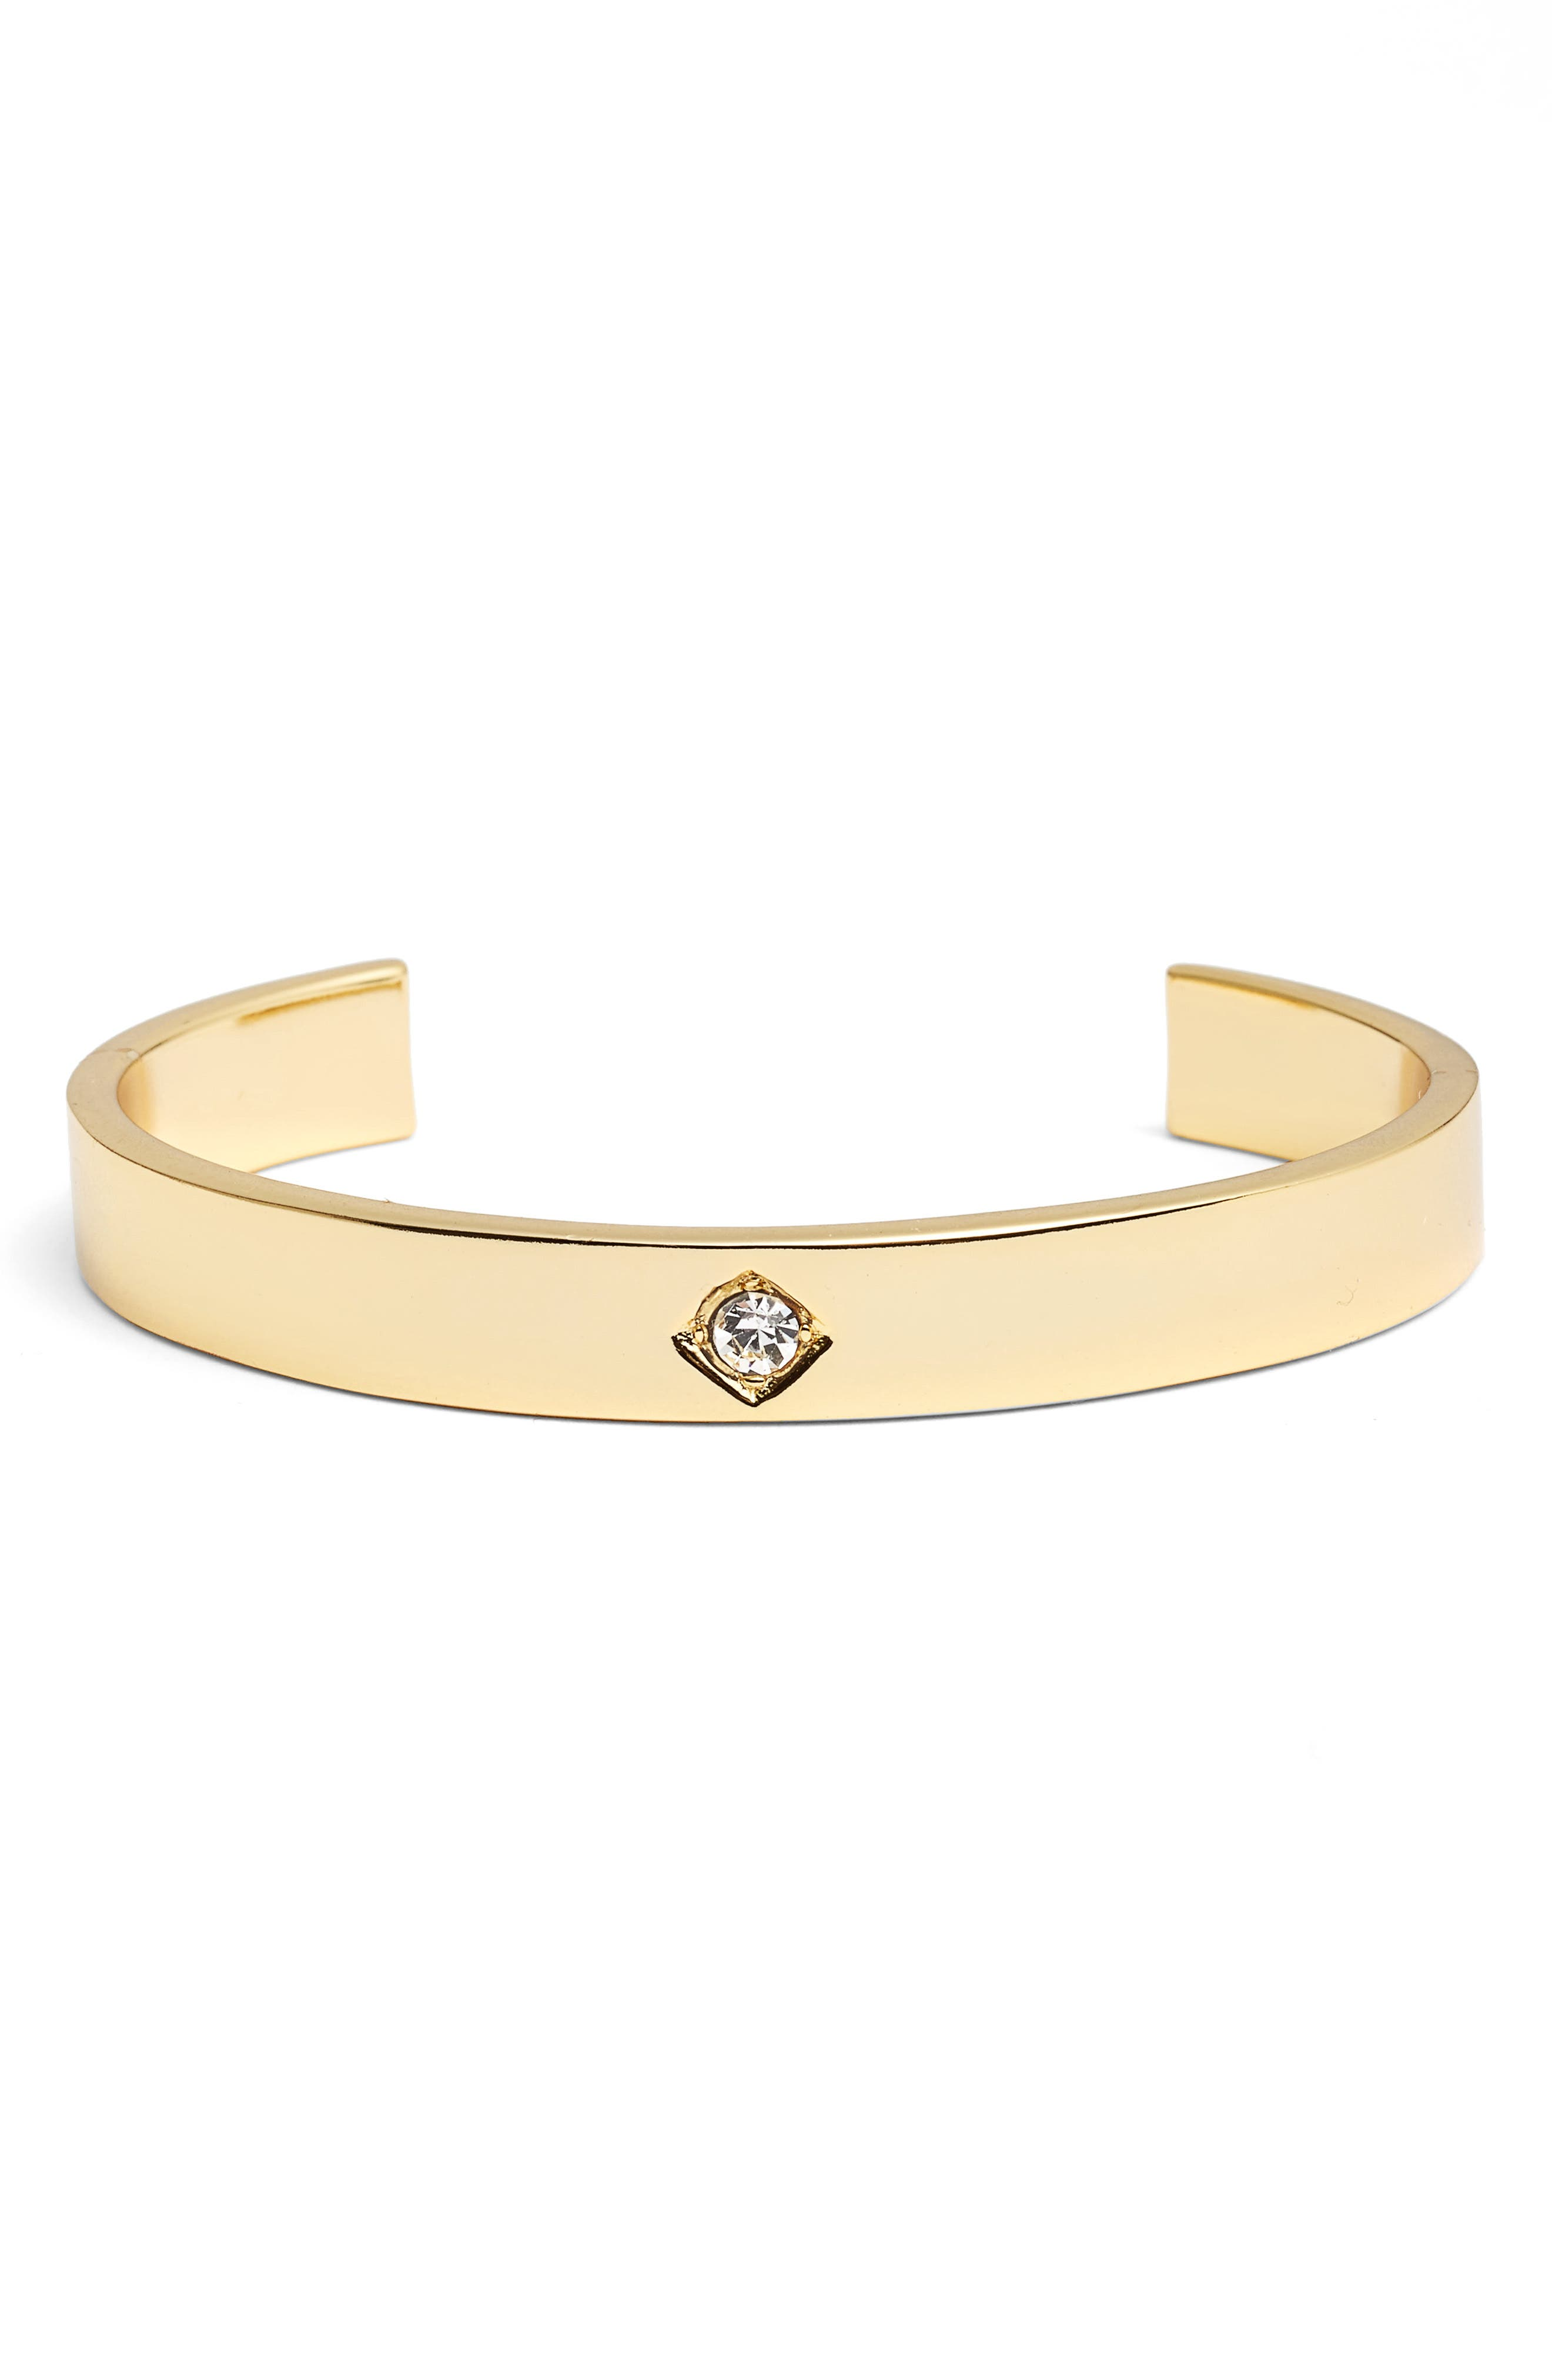 Tulum Cuff Bracelet,                             Main thumbnail 1, color,                             710